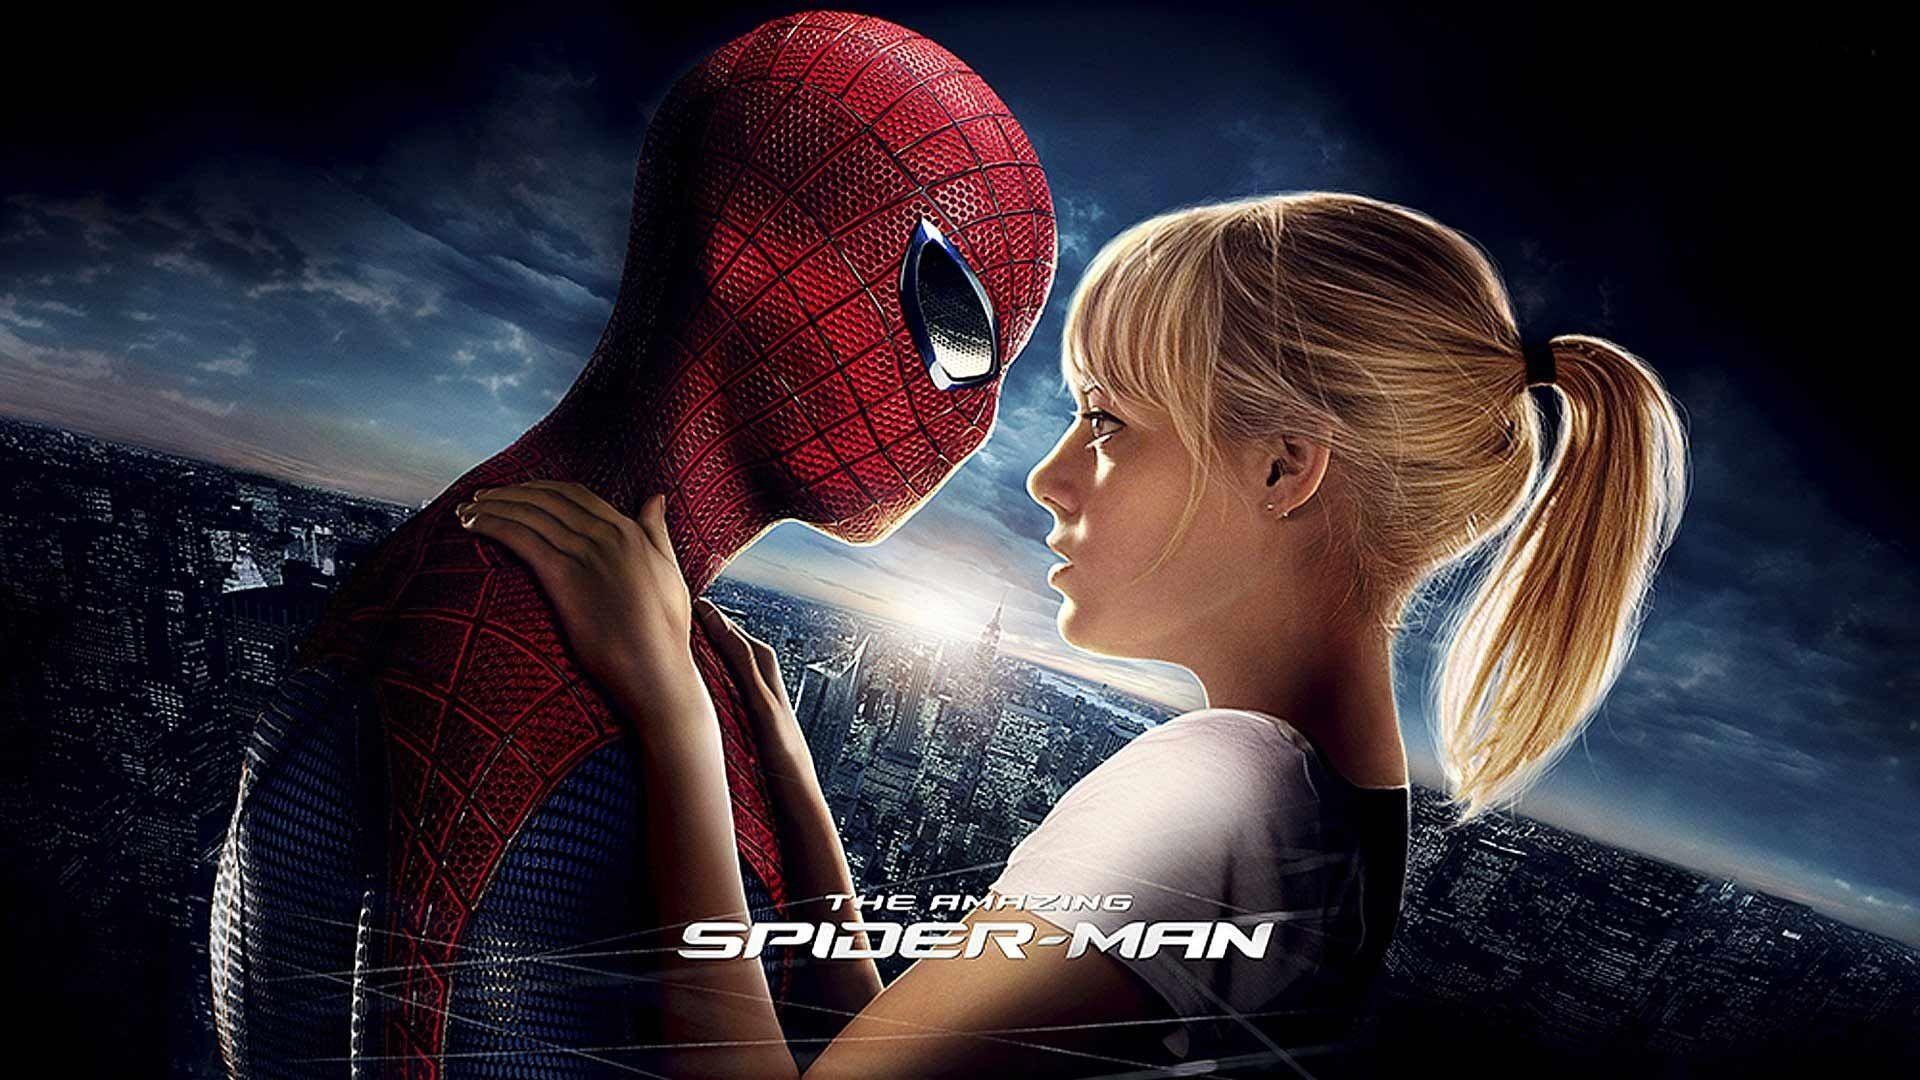 Movie Spider Man Homecoming Spider Man Hd Wallpaper 3657x2057 Marvel Wallpaper Hd Superhero Wallpaper Spiderman Artwork